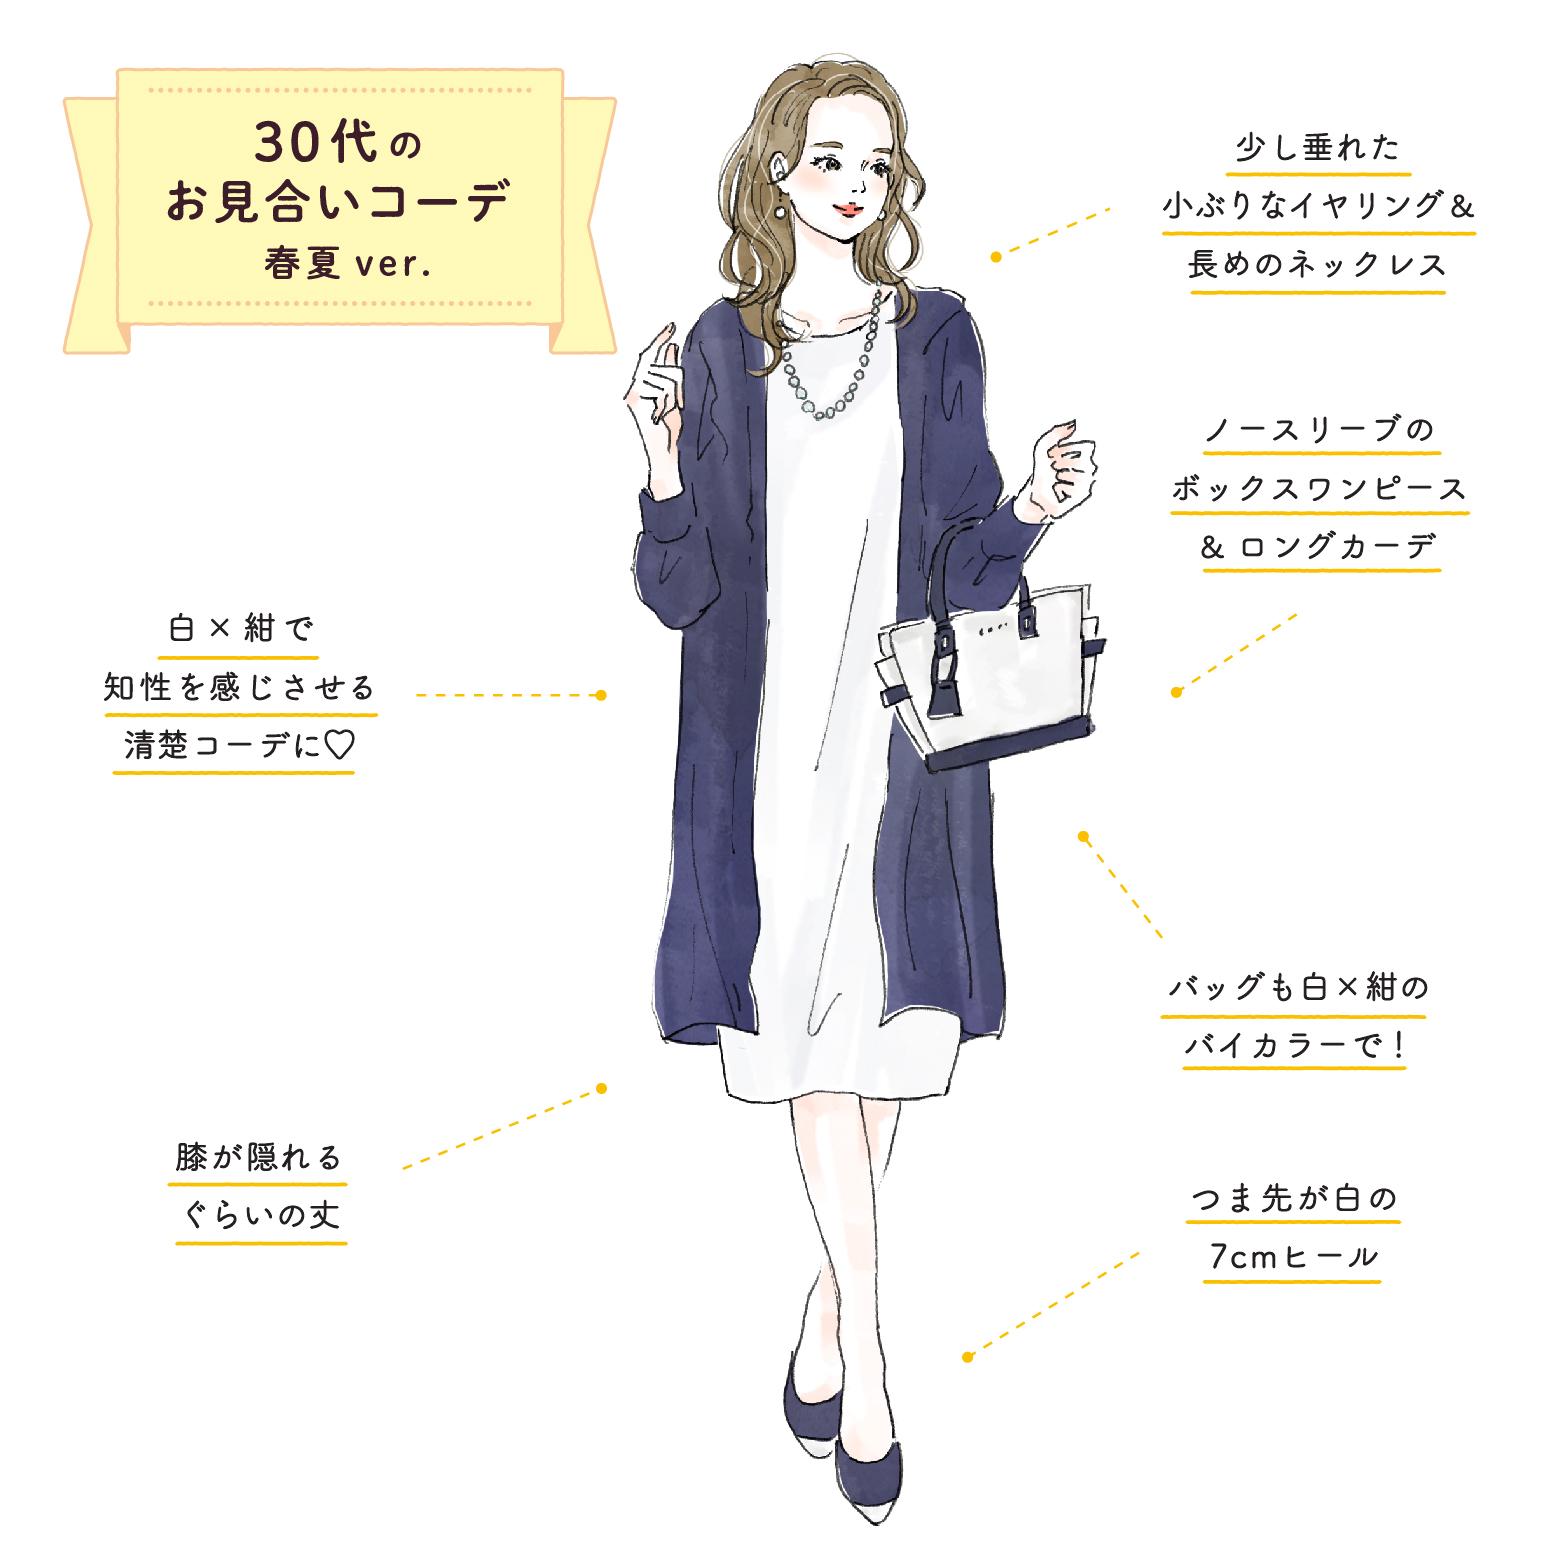 30代女性のお見合いの服装【春夏】